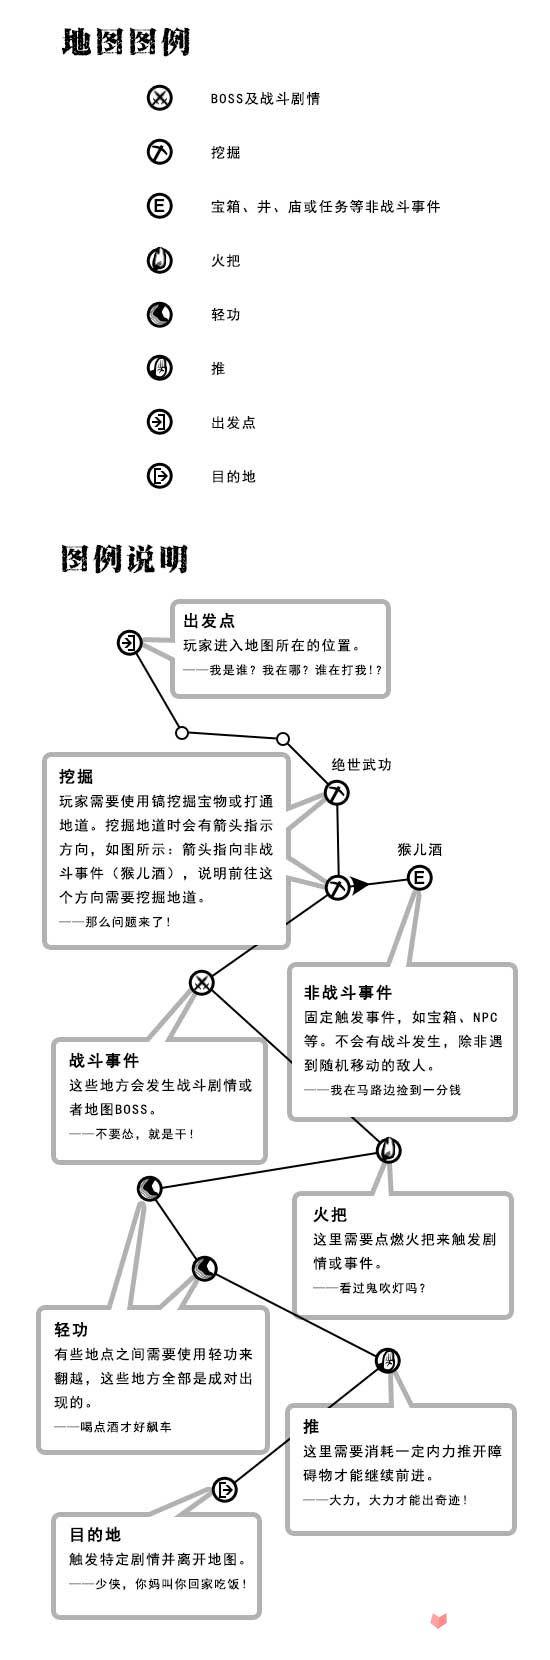 江湖X汉家江湖全副本任务地图汇总大全2